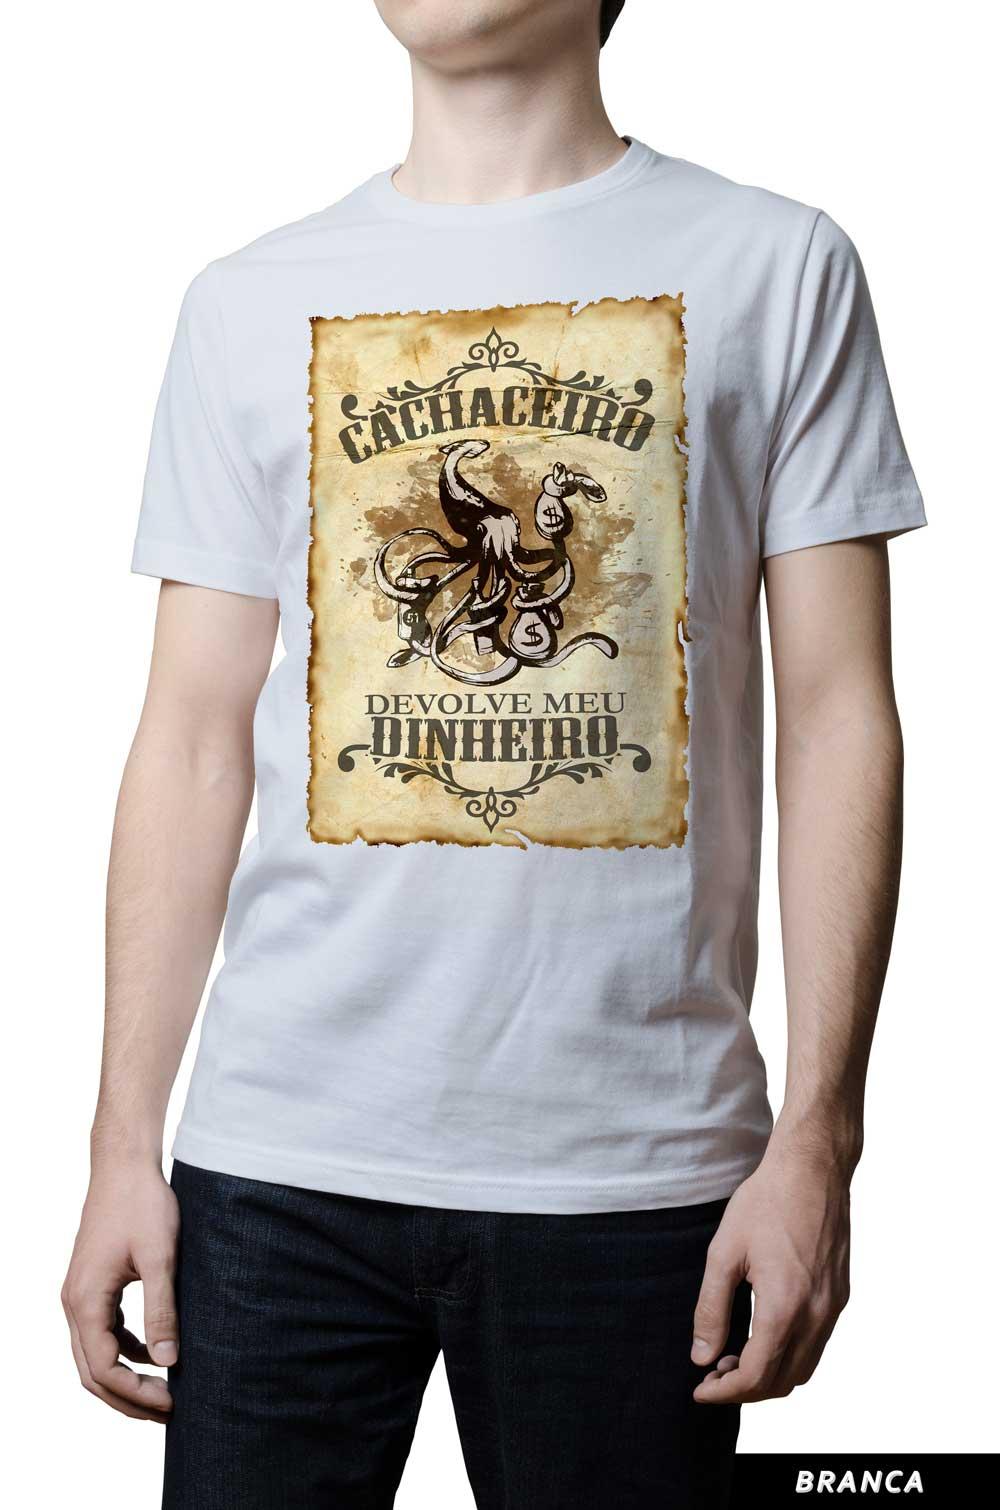 Camiseta - ... Cachaceiro Devolve meu Dinheiro